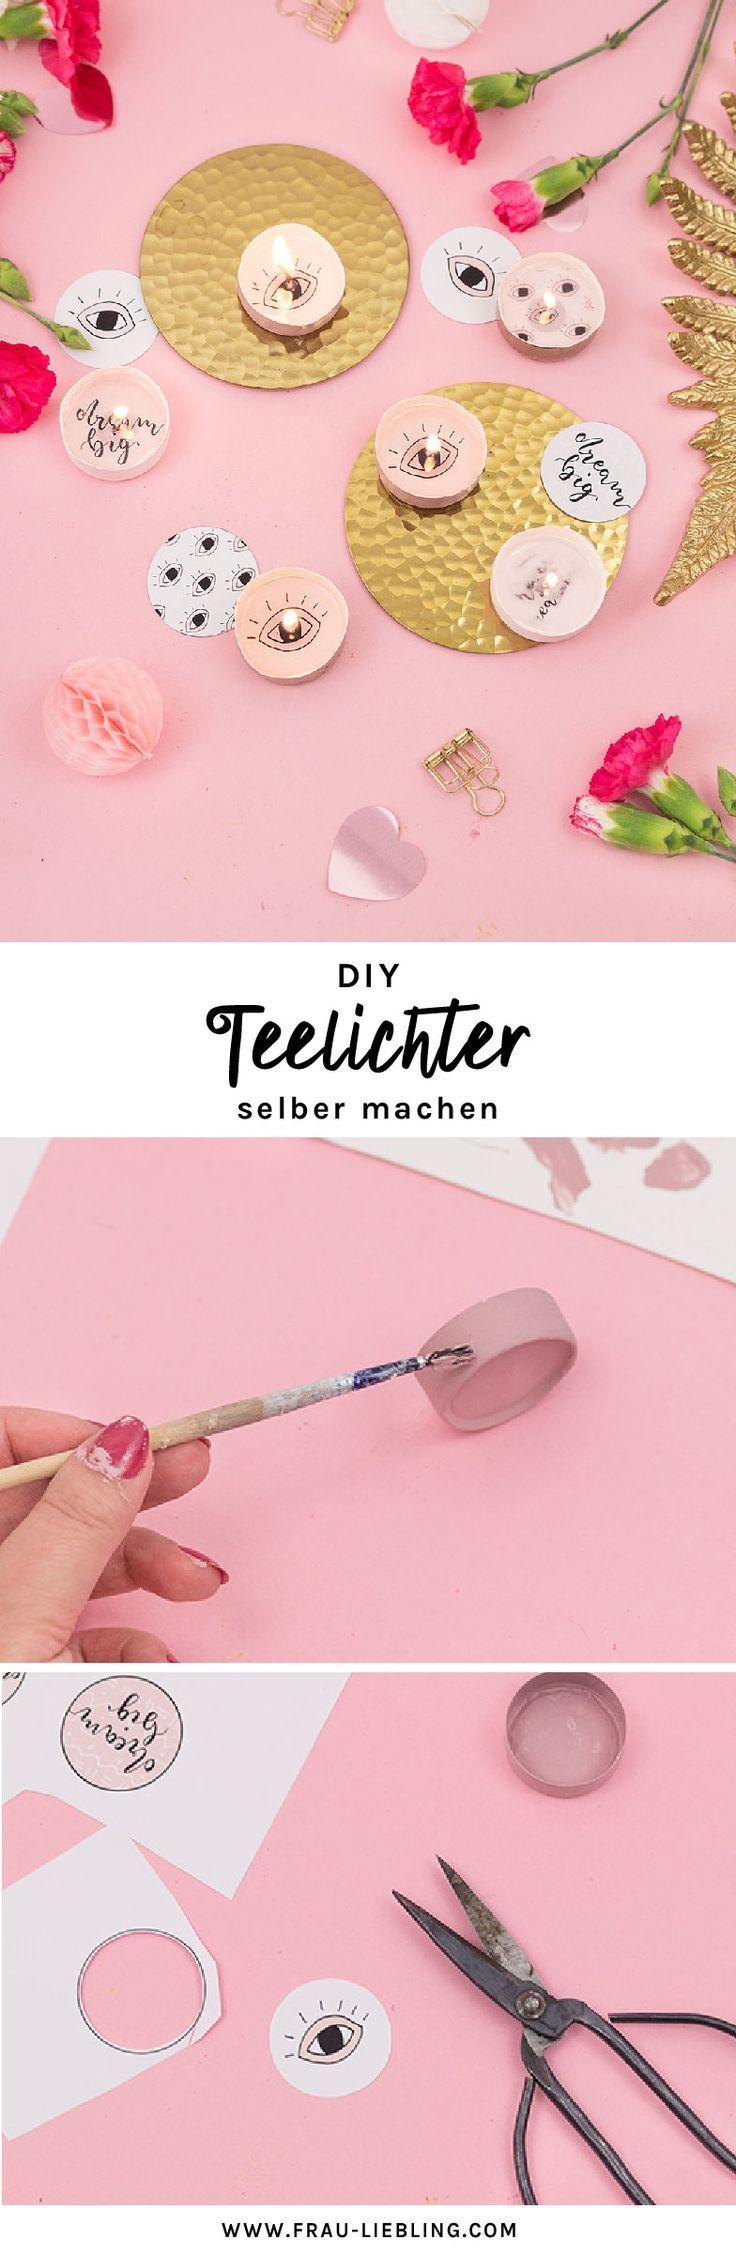 DIY Teelichter mit versteckter Botschaft selber machen – Frau Liebling – DIY Deko, Geschenke und Lettering mit Herz